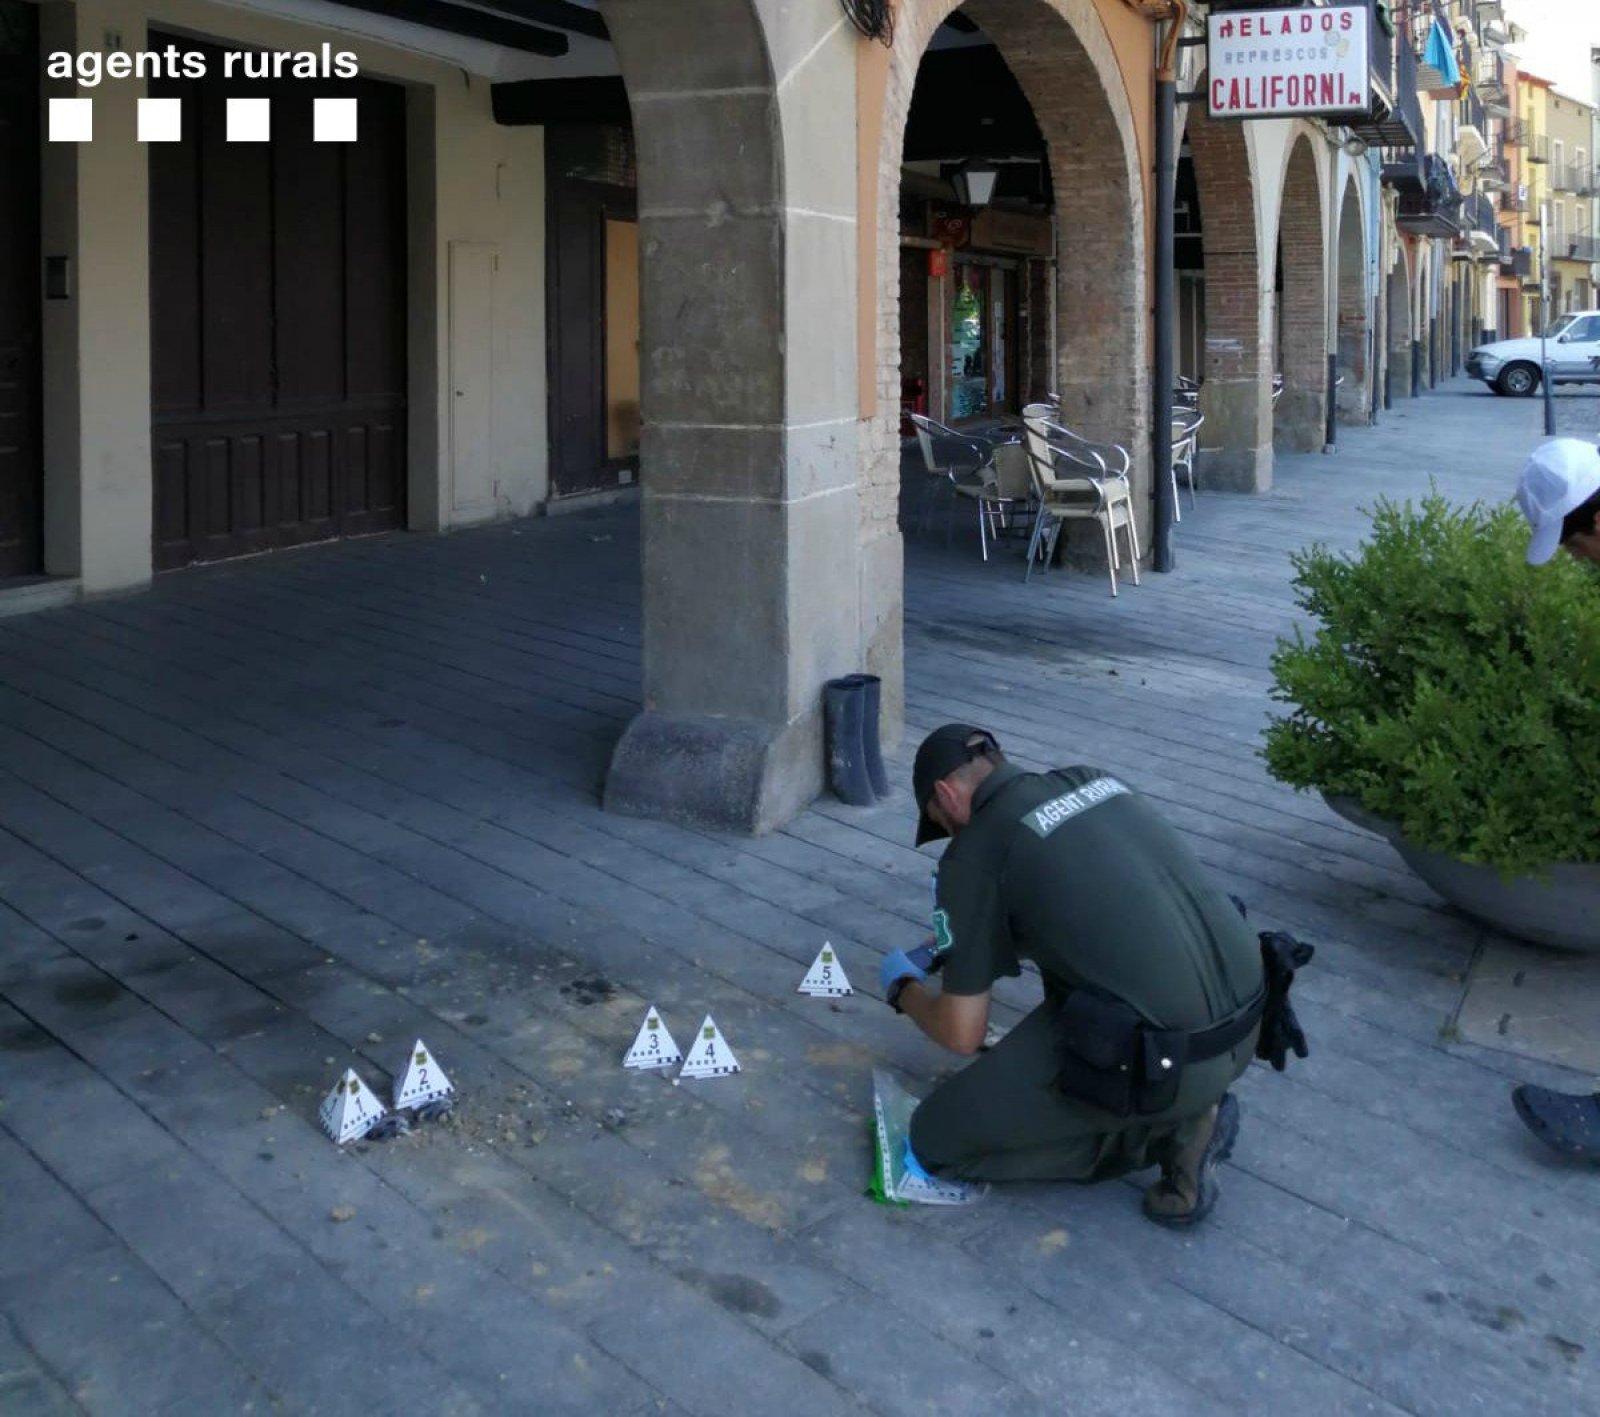 Un agent rural davant l'indret de Balaguer on s'han trobat els nius d'oreneta trencats